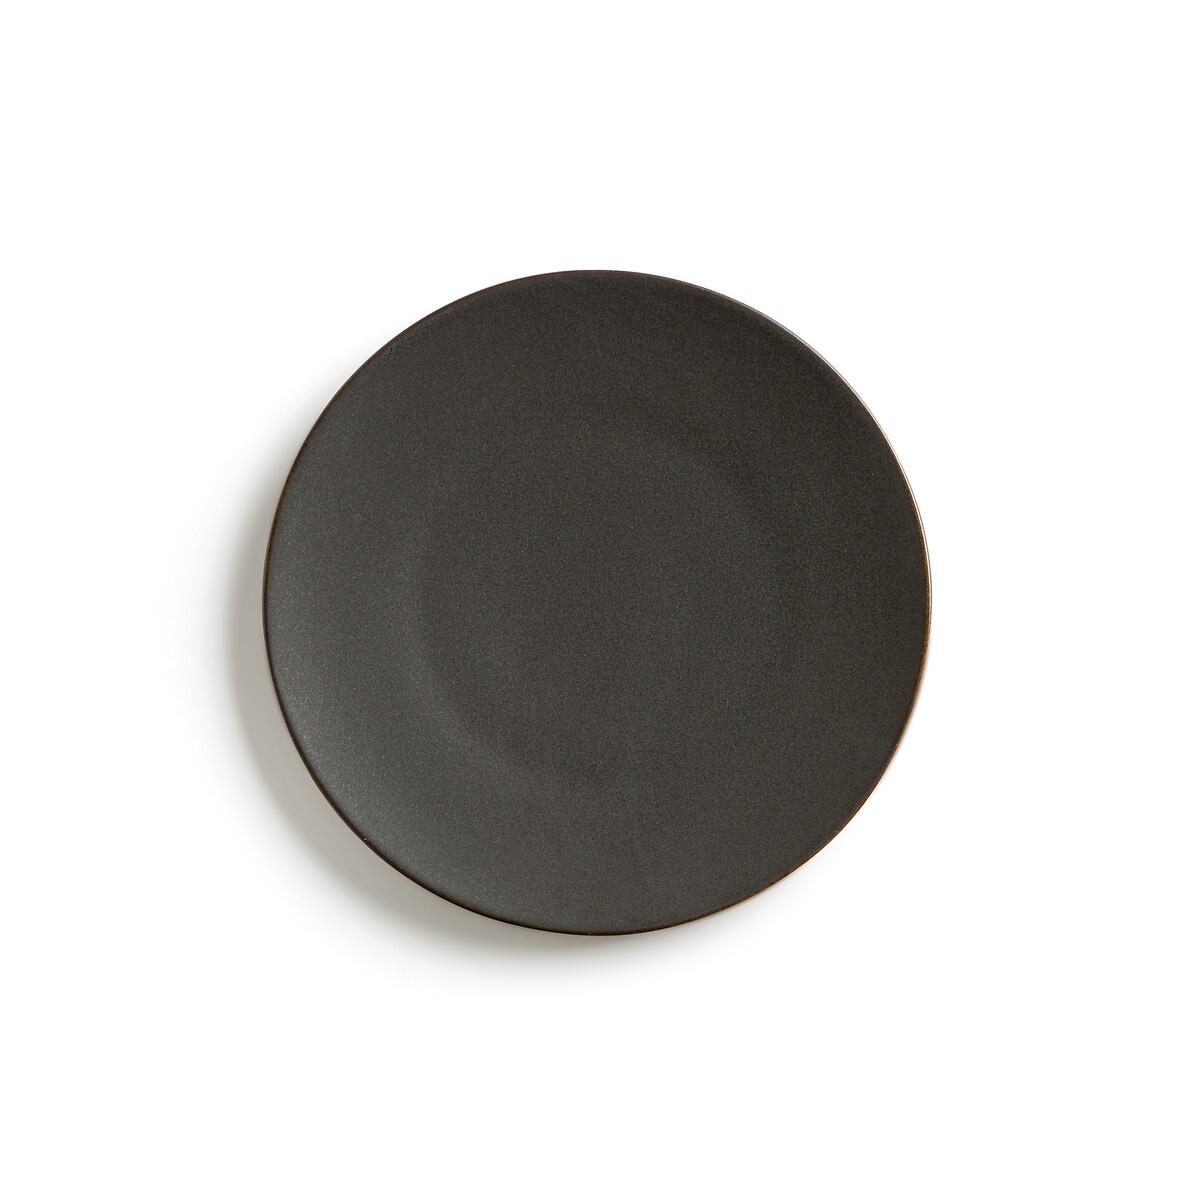 Фото - Комплект из 4 десертных тарелок LaRedoute Из матовой керамики Organic единый размер черный корзинка laredoute с пластиковой ручкой единый размер черный